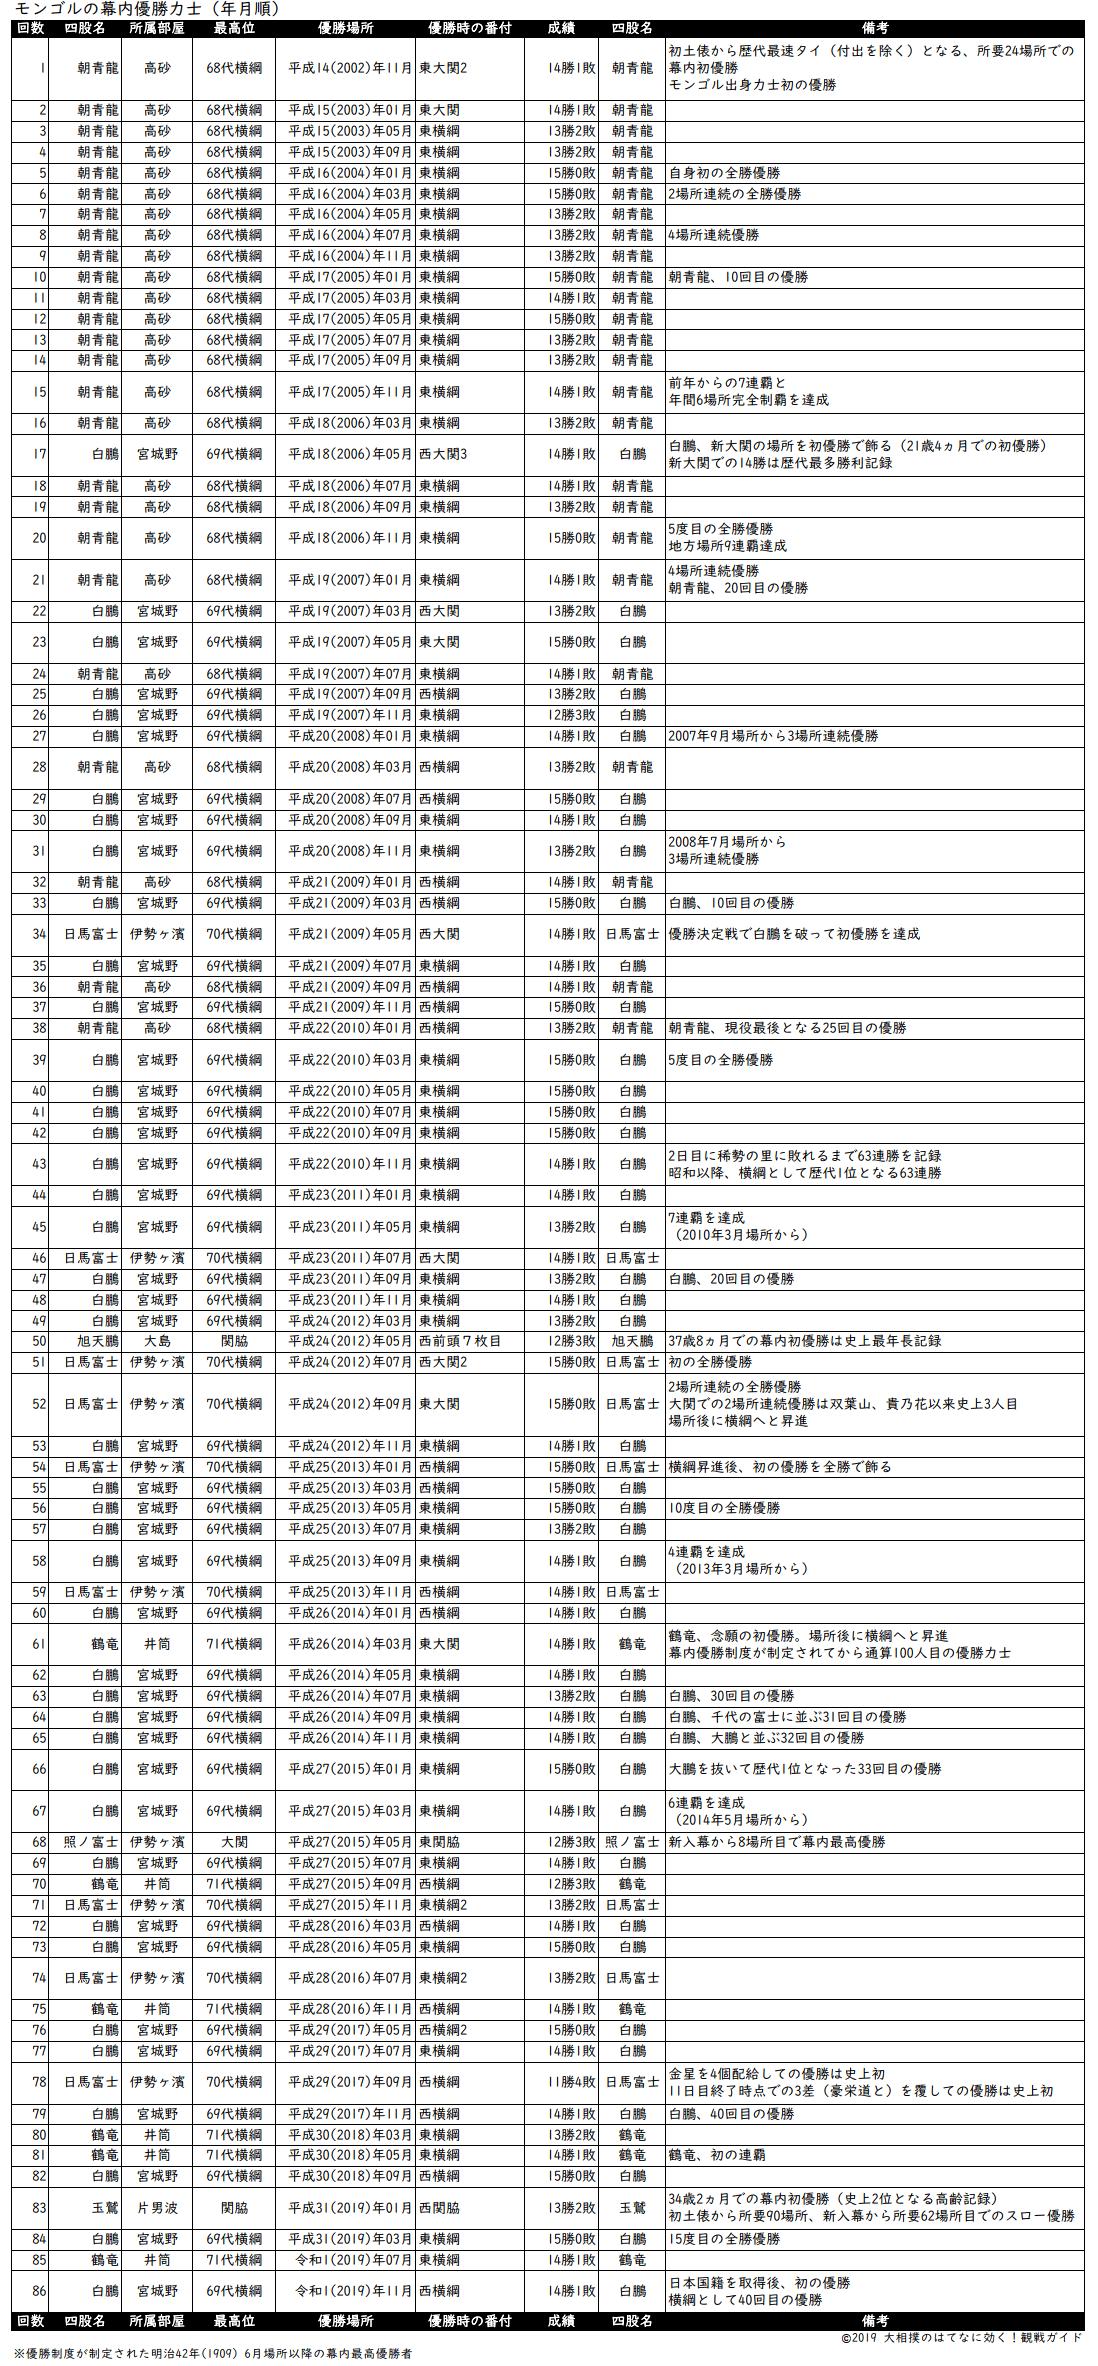 モンゴル出身力士の優勝回数リスト